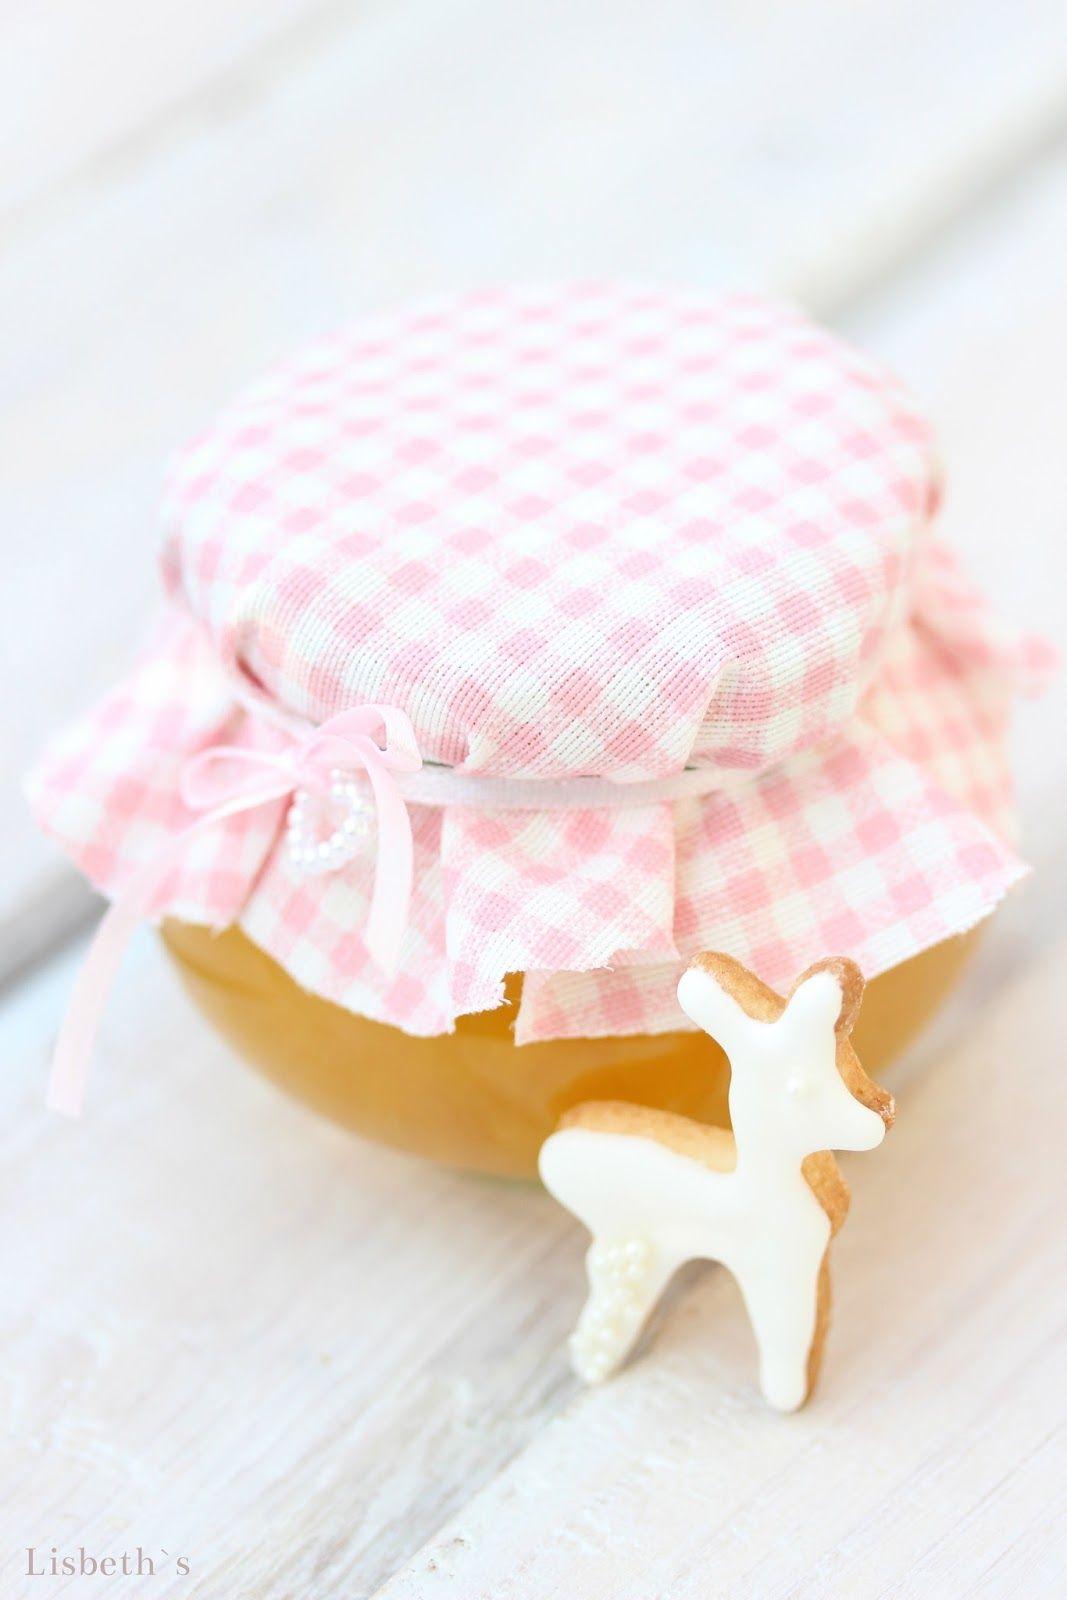 passen wunderbar zum Tee und sagen nicht -Nein- zu einem Gläschen Champagner ( oder zwei ) Habt ihr auch so kleine Rituale,Gewohnheiten und Mini Macken, tunkt ihr eure Cookies in denTee oder ver…